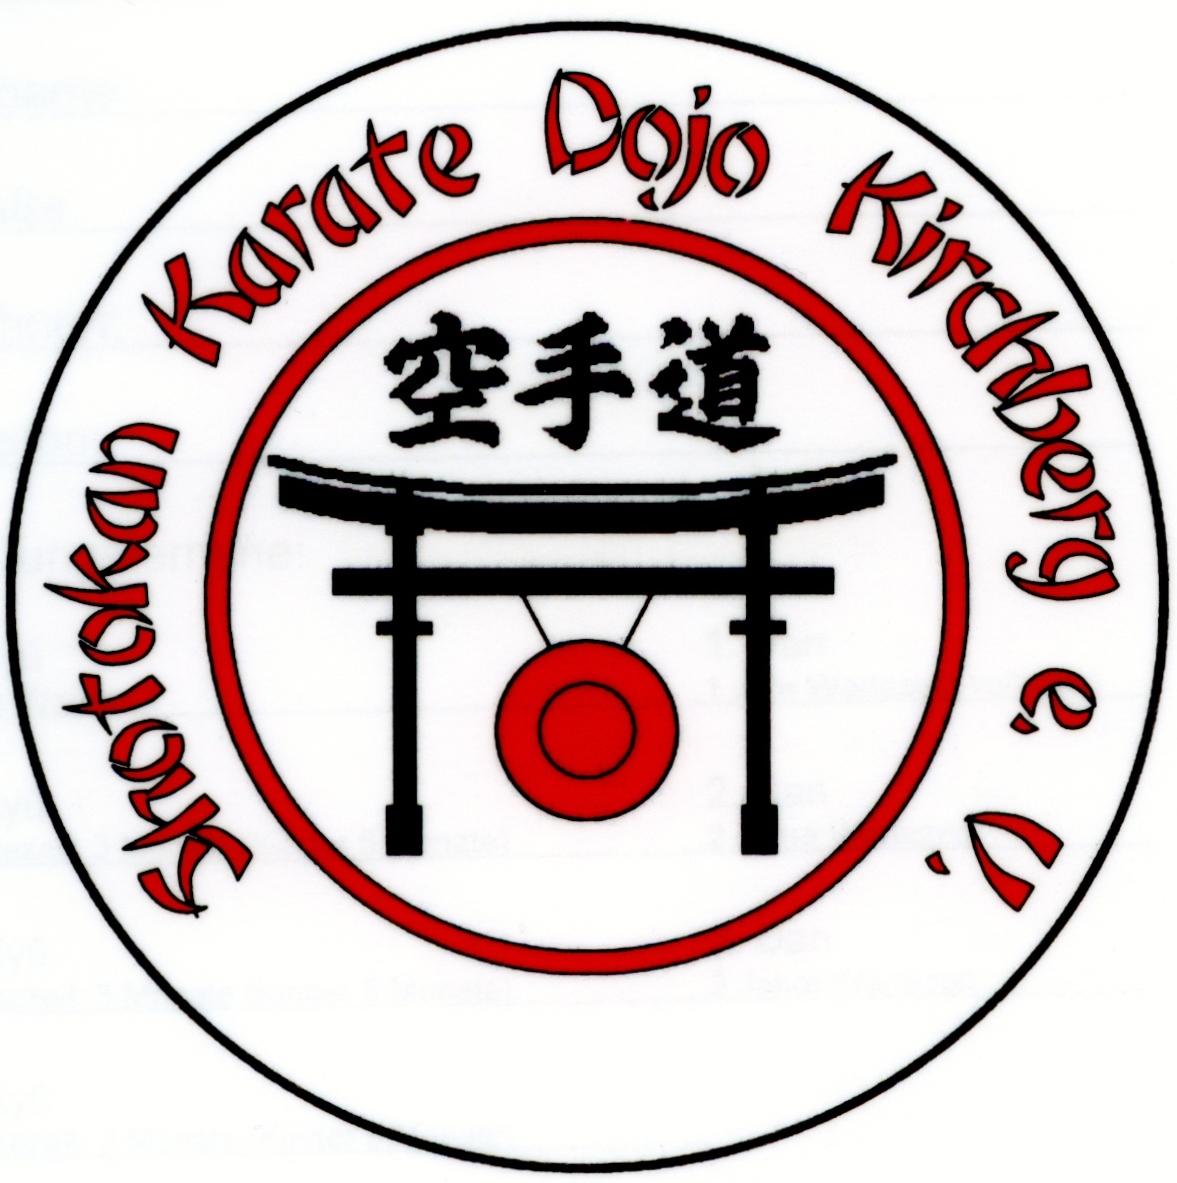 Karatelogo